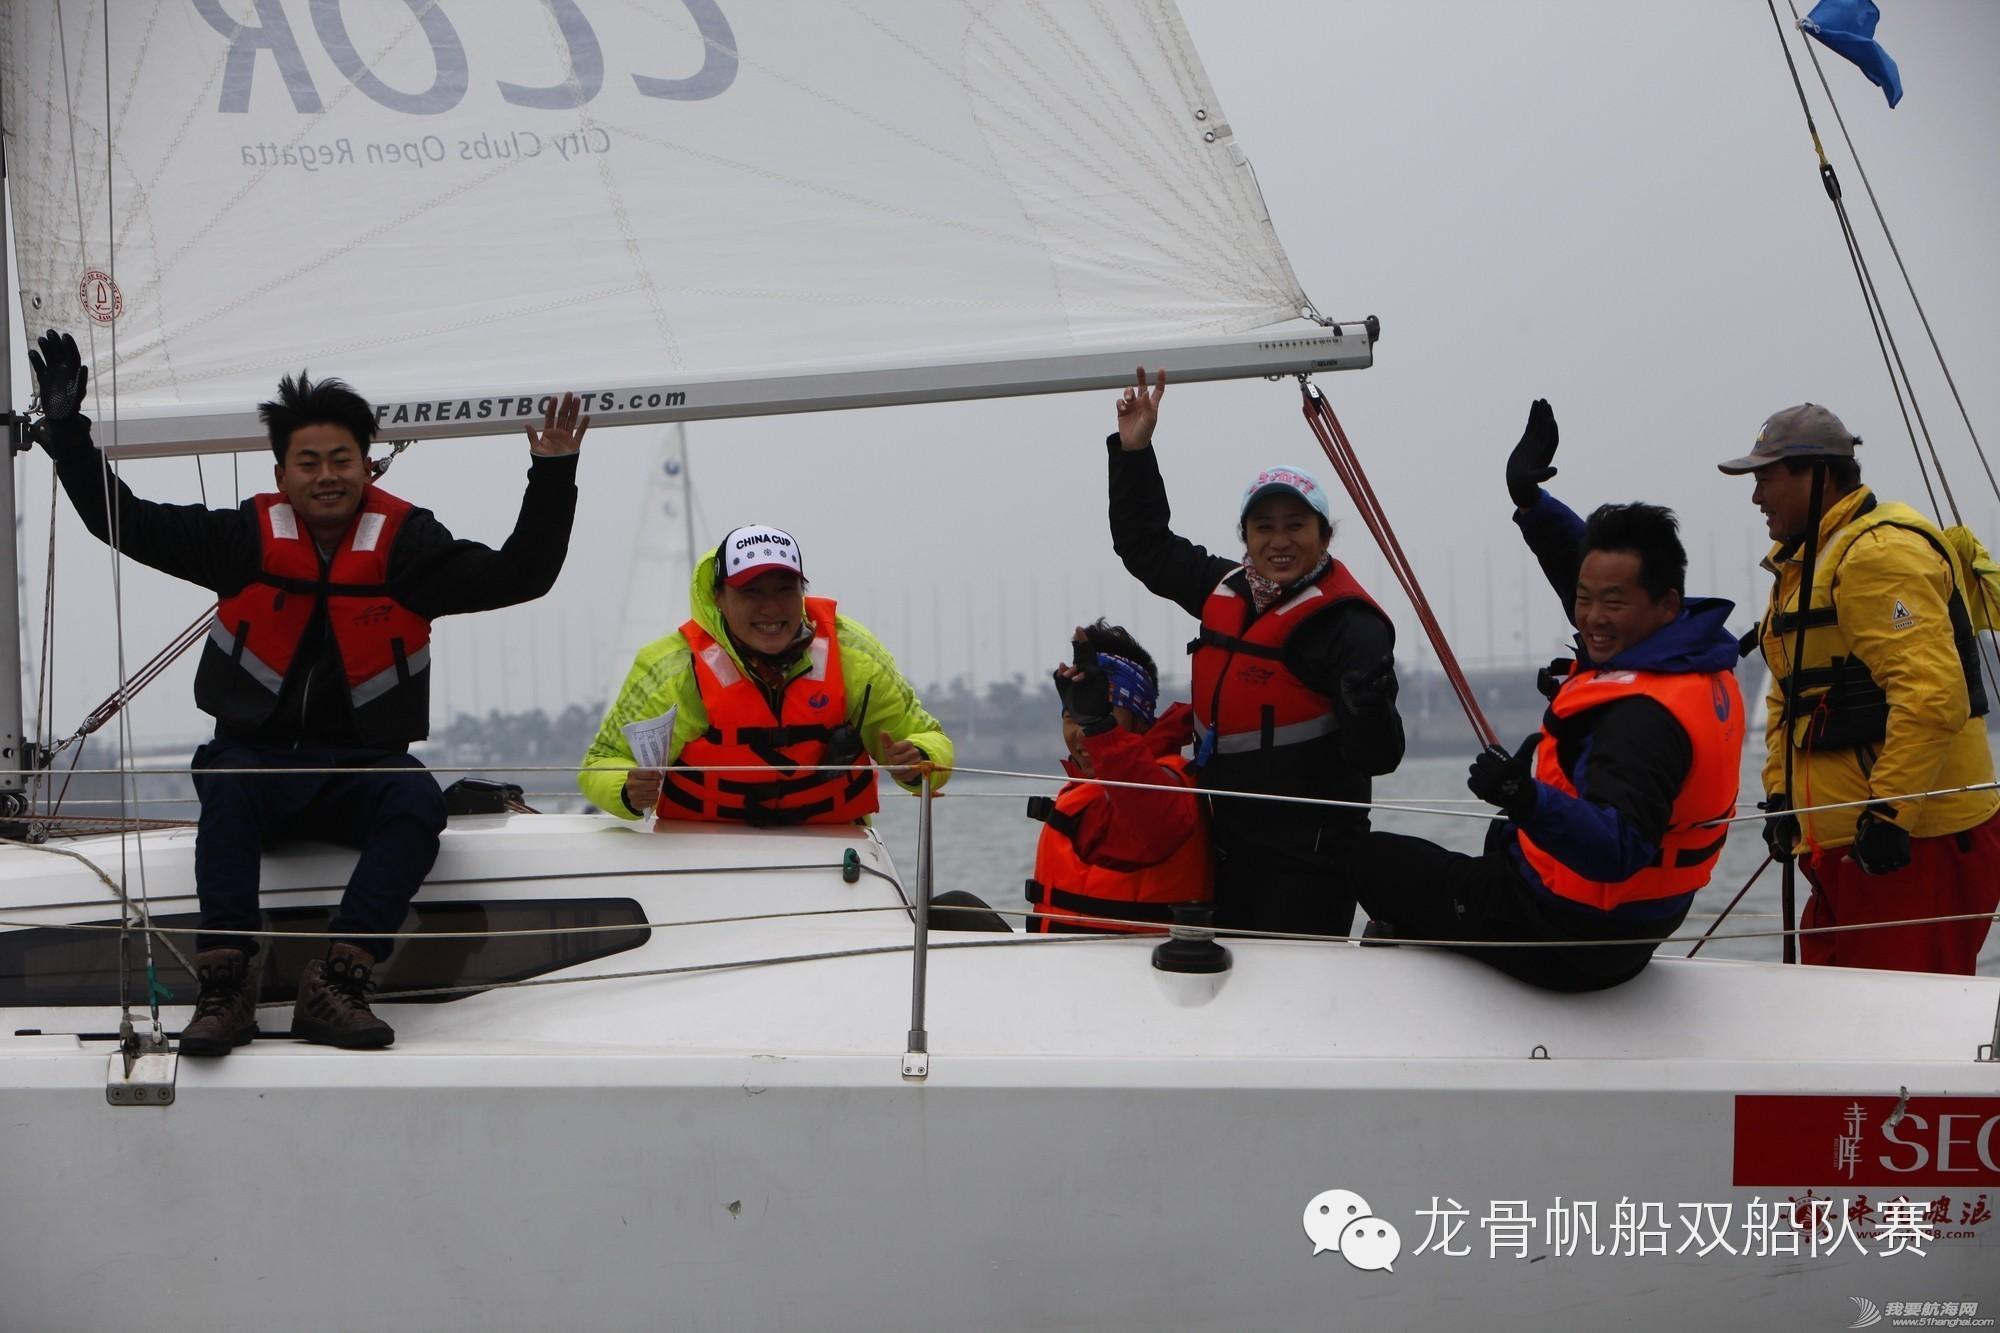 入冬之前,我们携手驰骋奥帆海域 4ce4152e4f605cb55b1c0bc57653e552.jpg